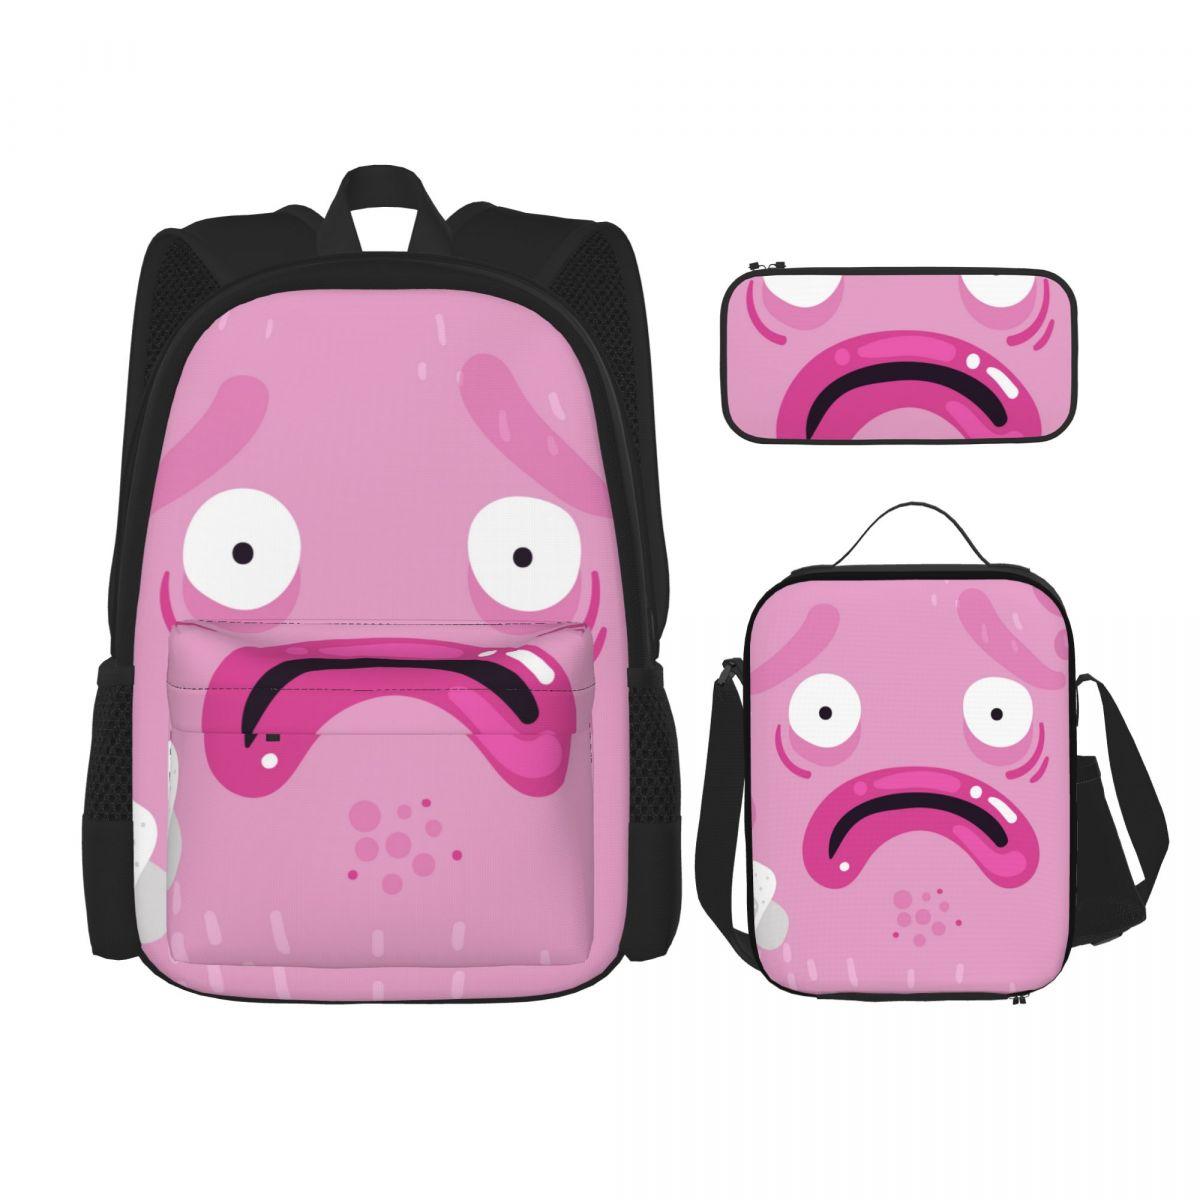 3 قطعة حقيبة المدرسة مجموعة مضحك وحوش وجوه الوردي حقيبة عادية طالب حقائب مدرسية حقائب للمراهقين بنين بنات